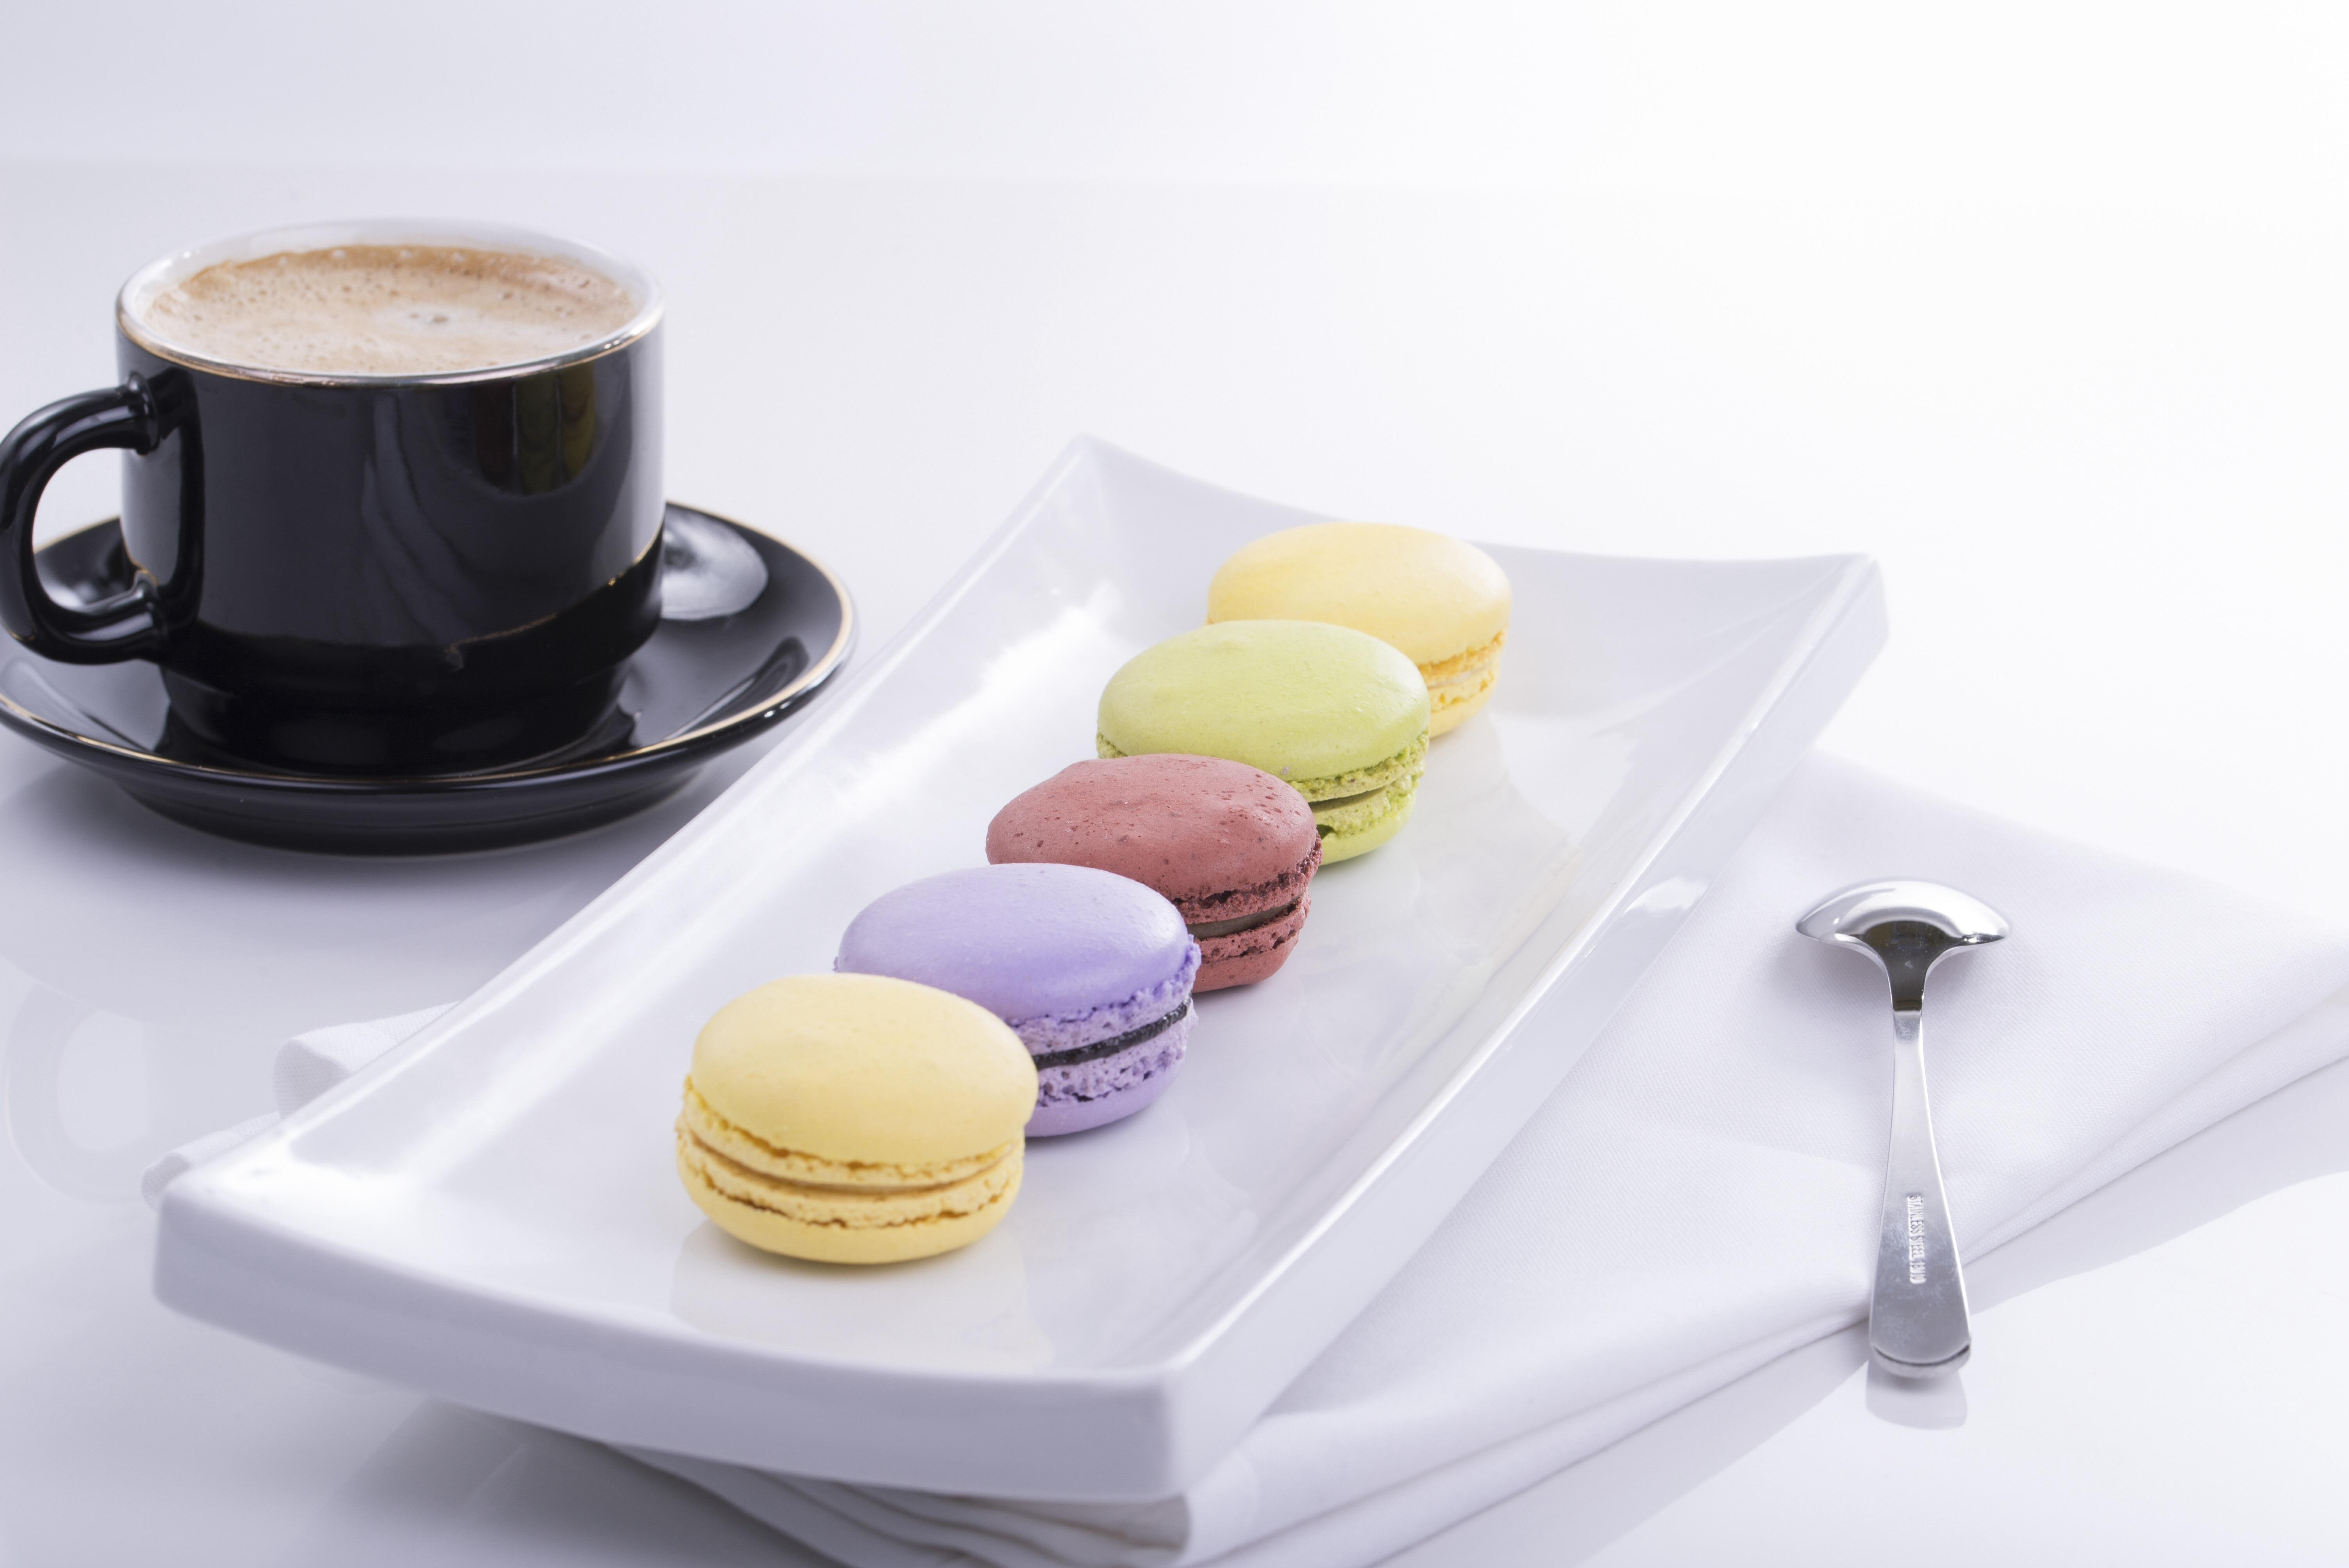 131381 скачать обои Кофе, Еда, Посуда, Миндальное Печенье, Macaron - заставки и картинки бесплатно